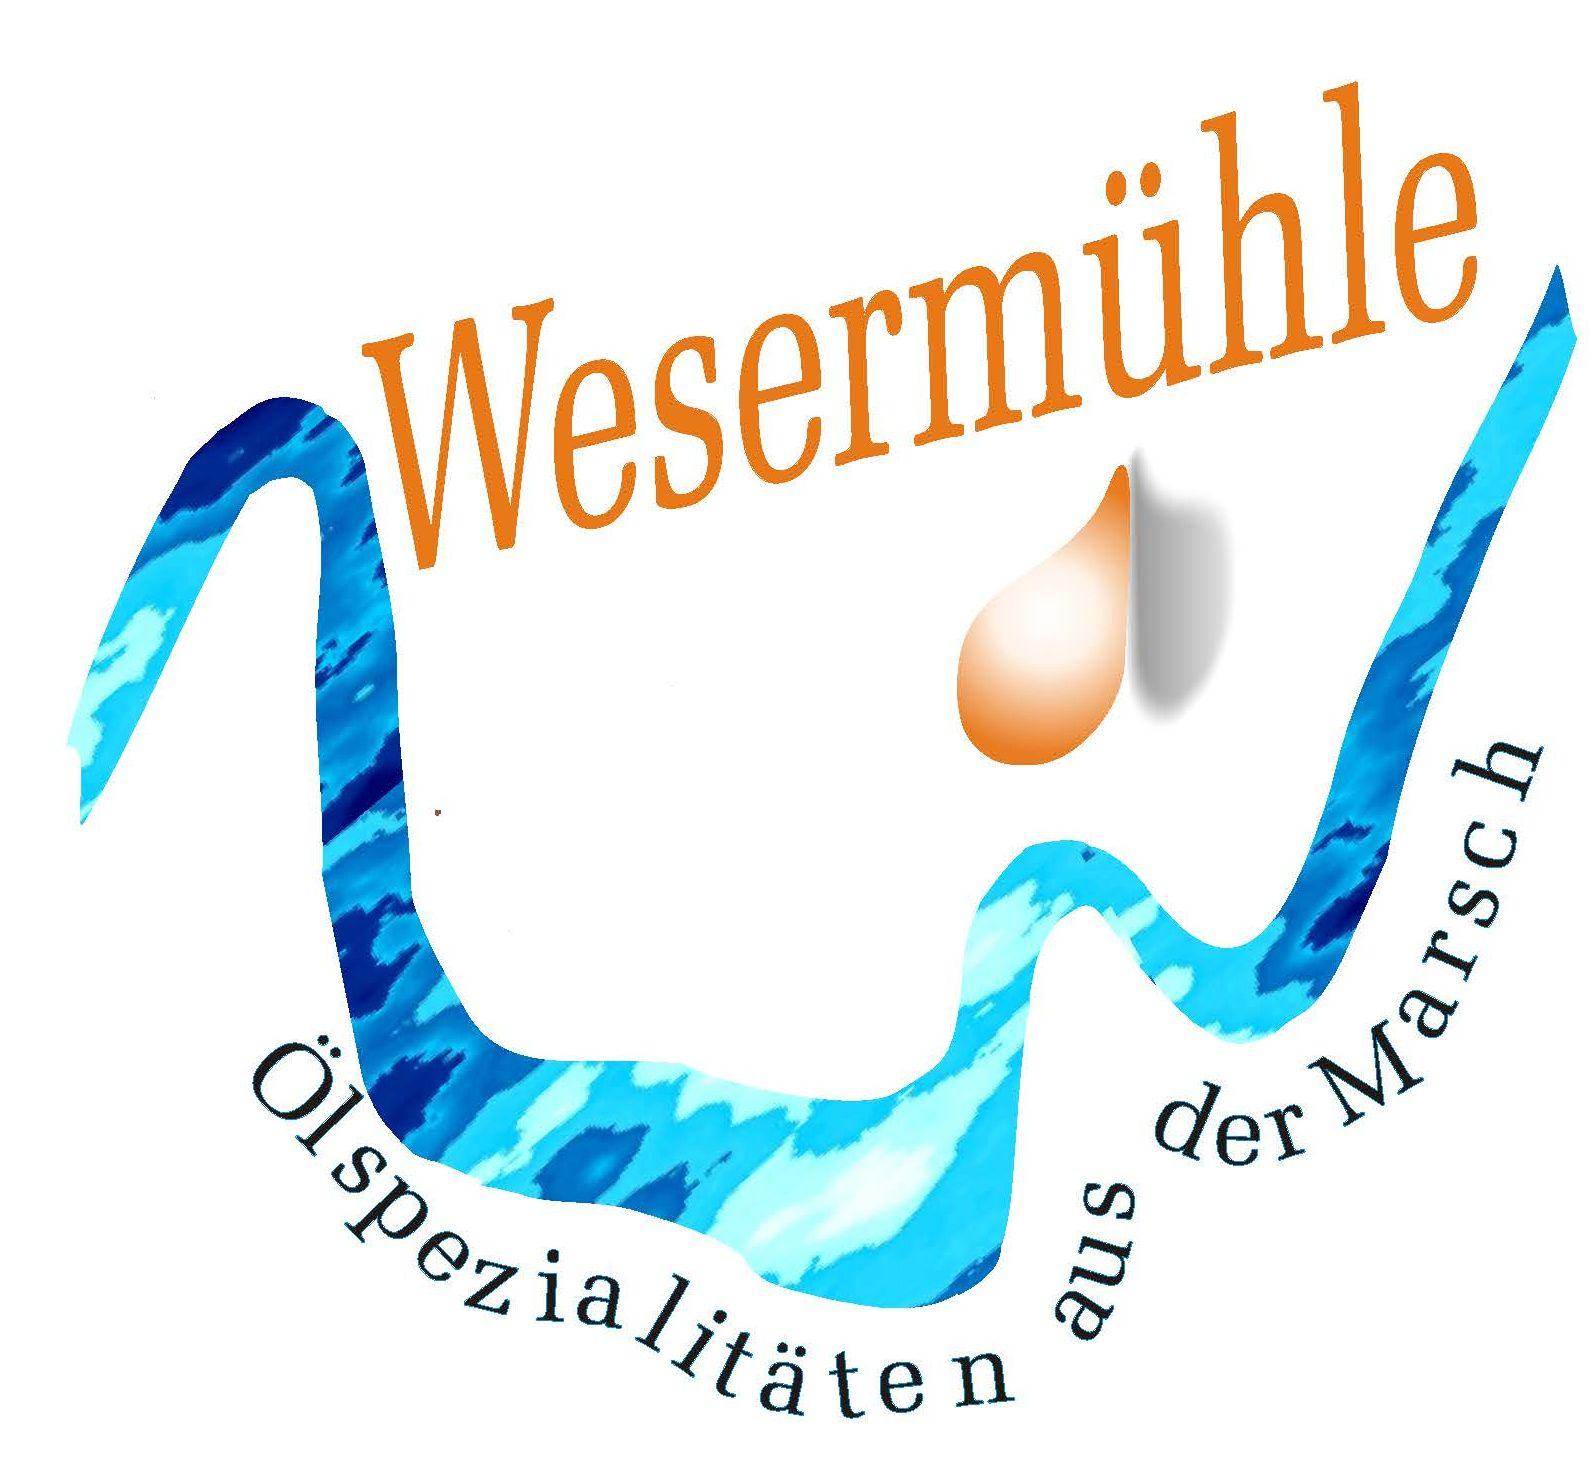 Wochenmarktstand: Wesermühle GbR